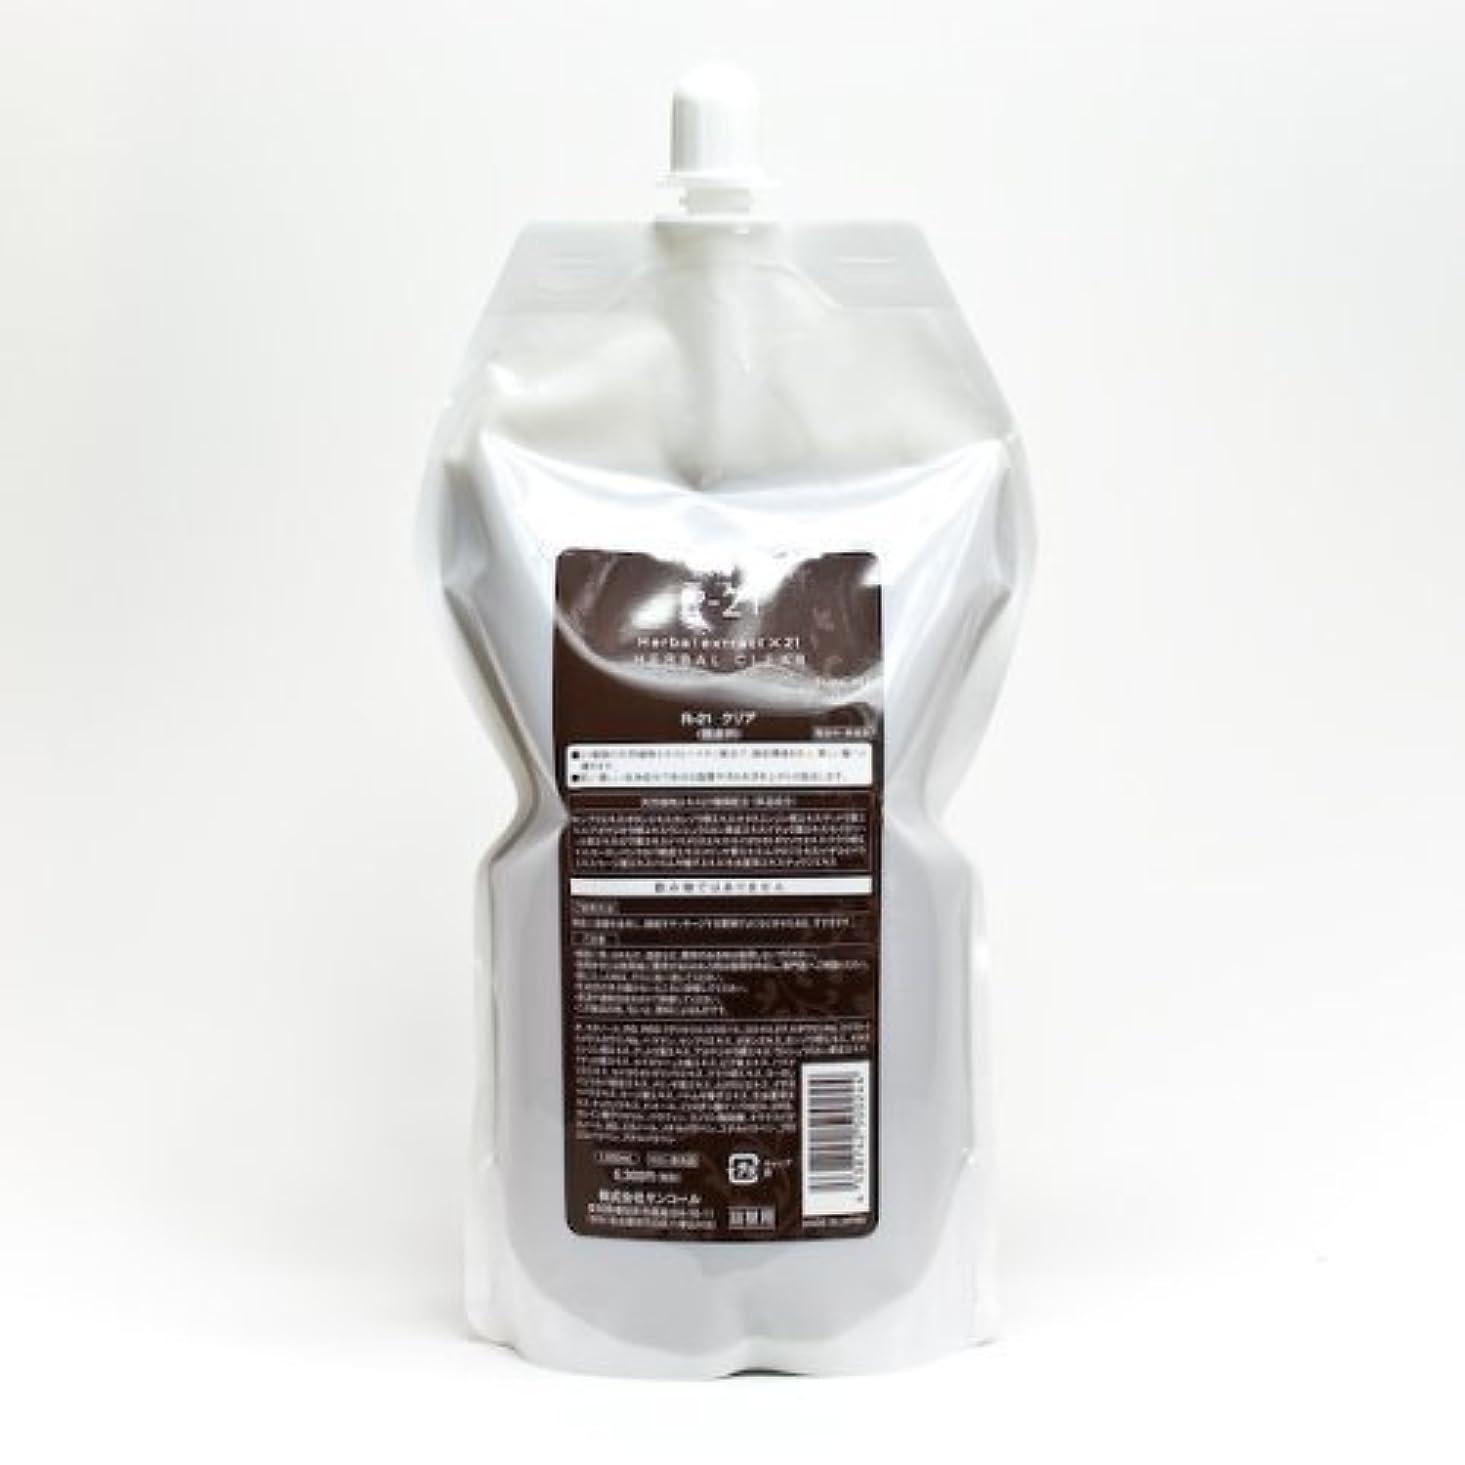 ソート使い込む反毒サンコール R-21 ハーバルクリア 1000ml レフィル